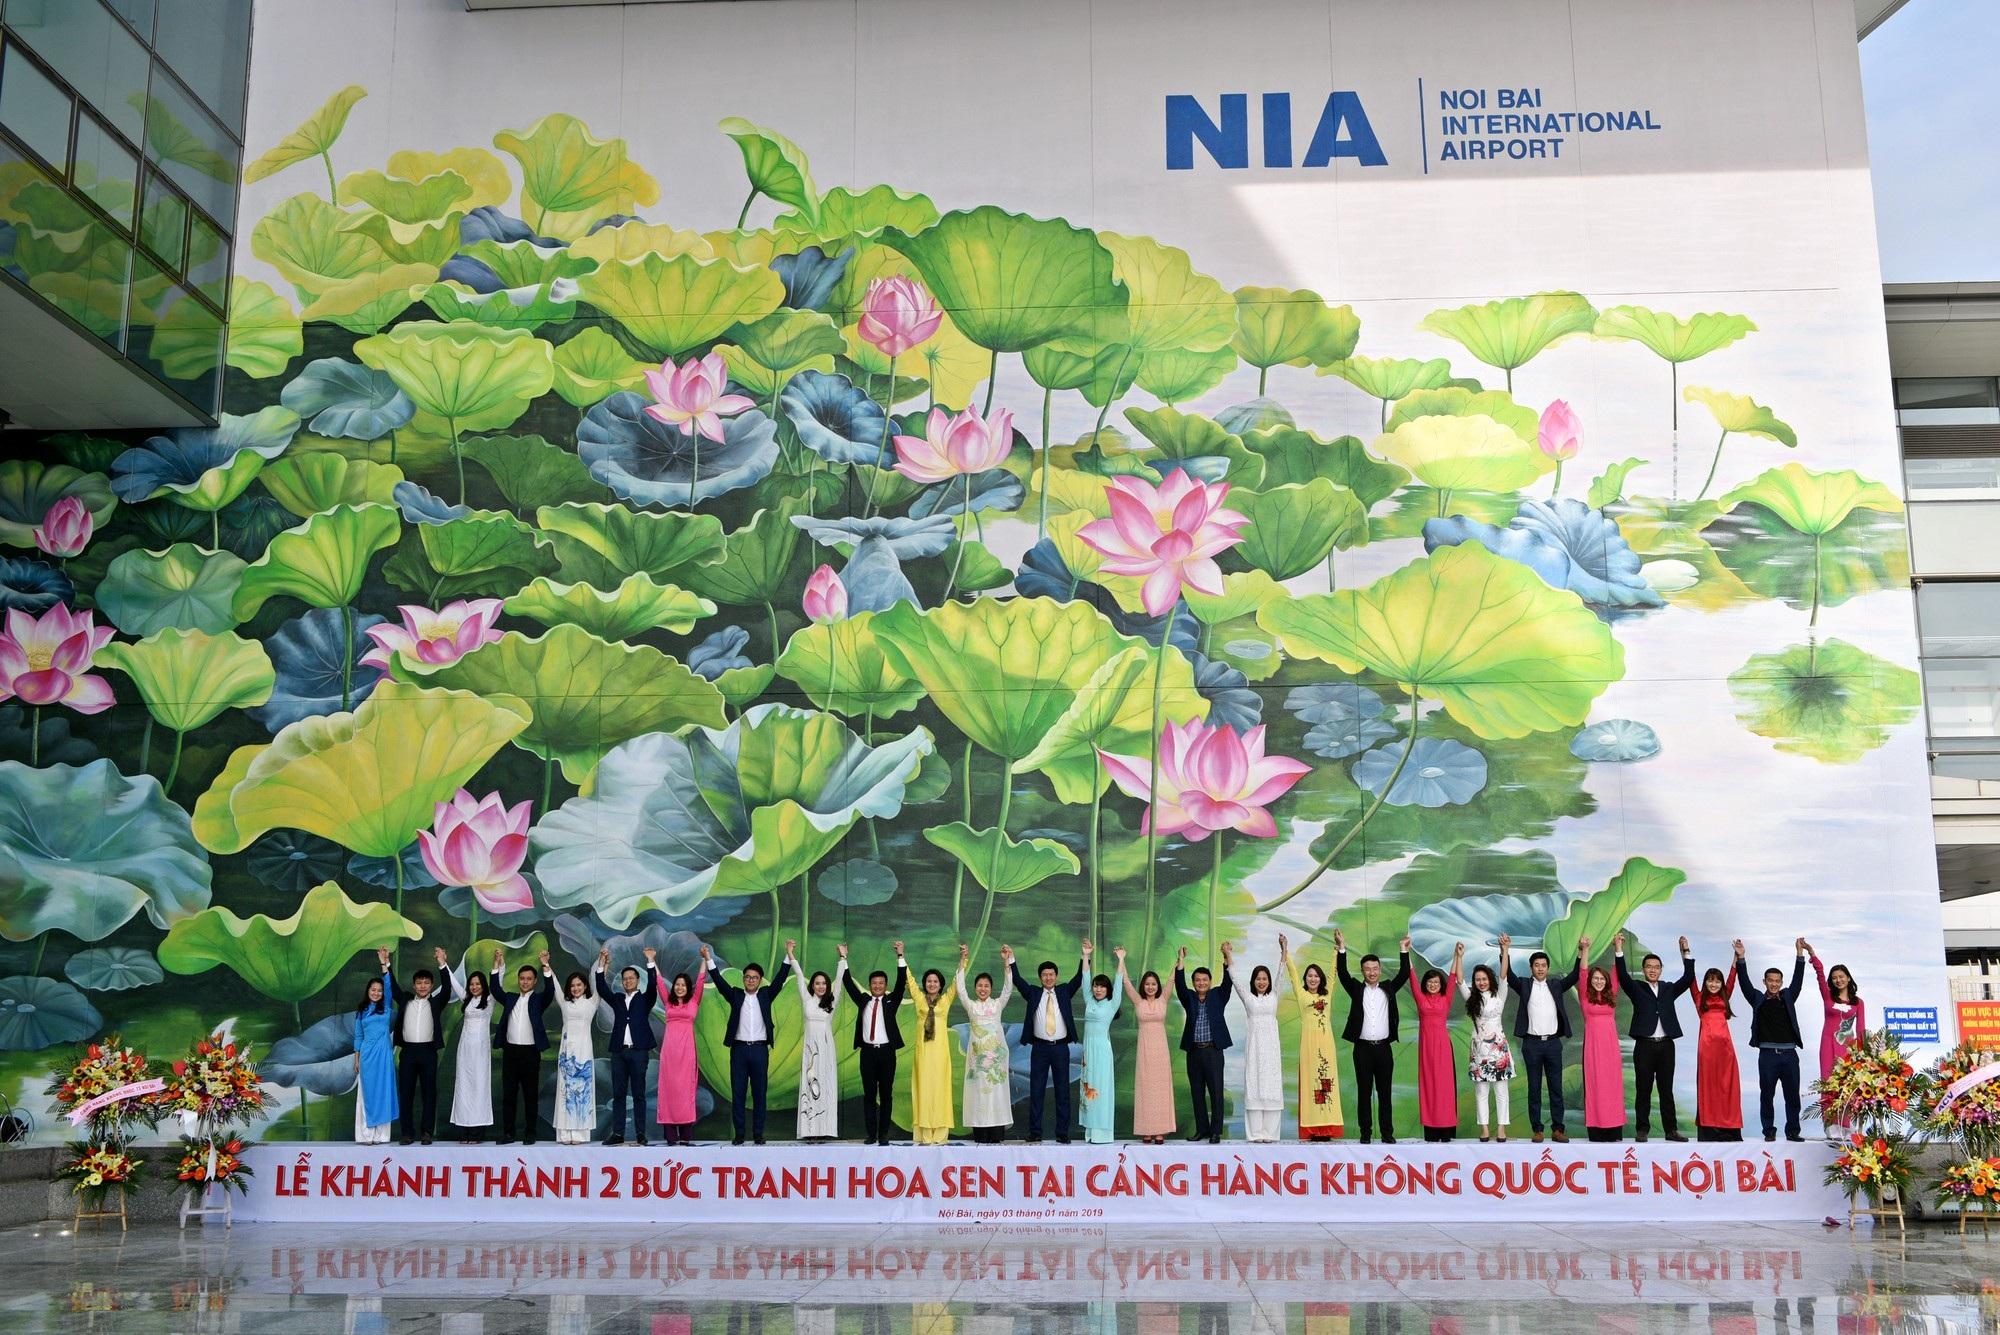 Ngỡ ngàng trước hai bức tranh hoa sen khổng lồ tại sân bay Nội Bài - Ảnh 7.